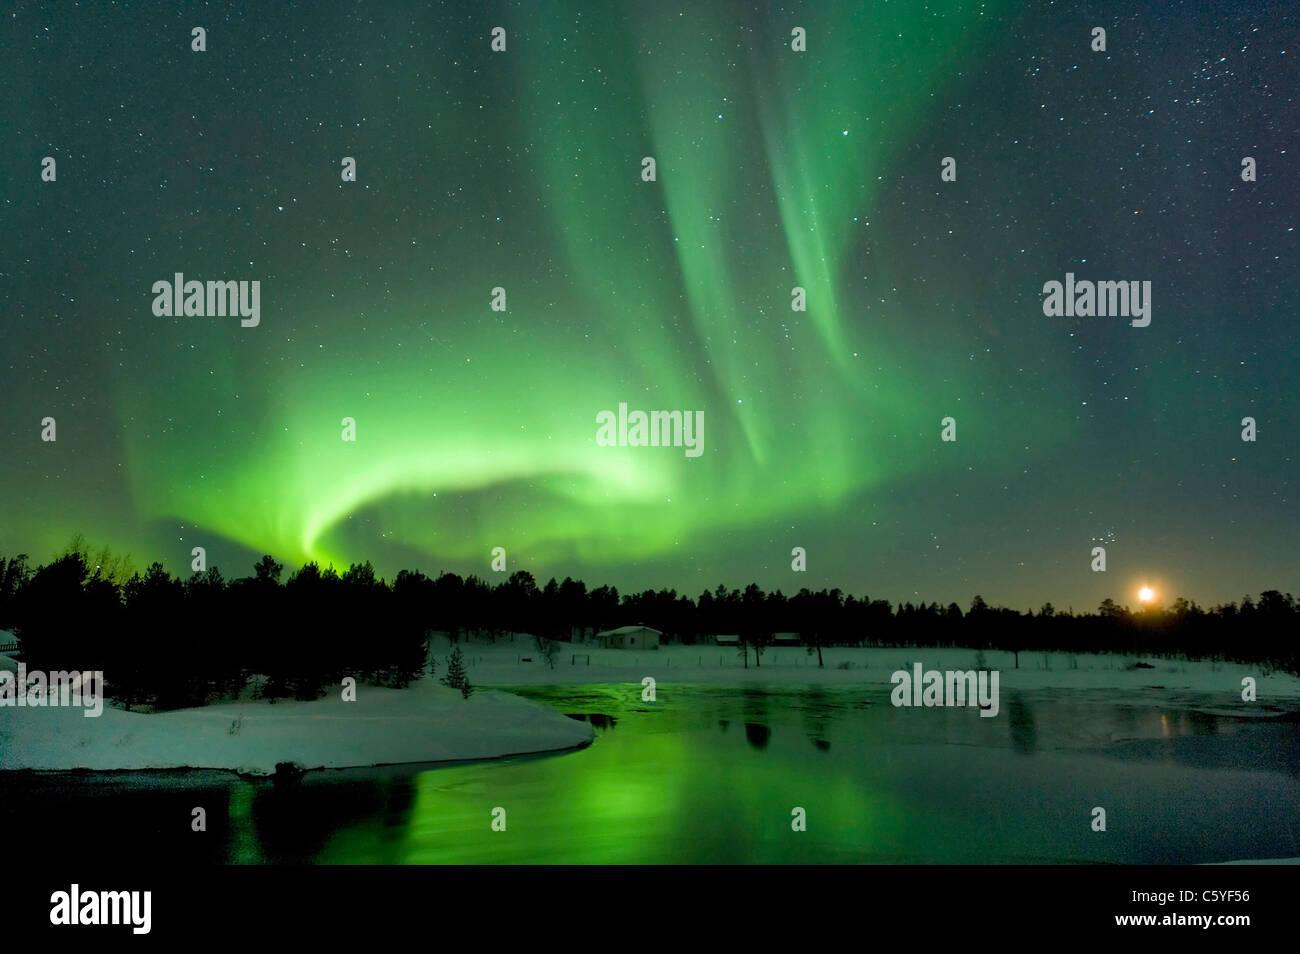 Luces del Norte, también conocido como la aurora boreal en moonset cerca de Inari. En Laponia, Finlandia. Imagen De Stock